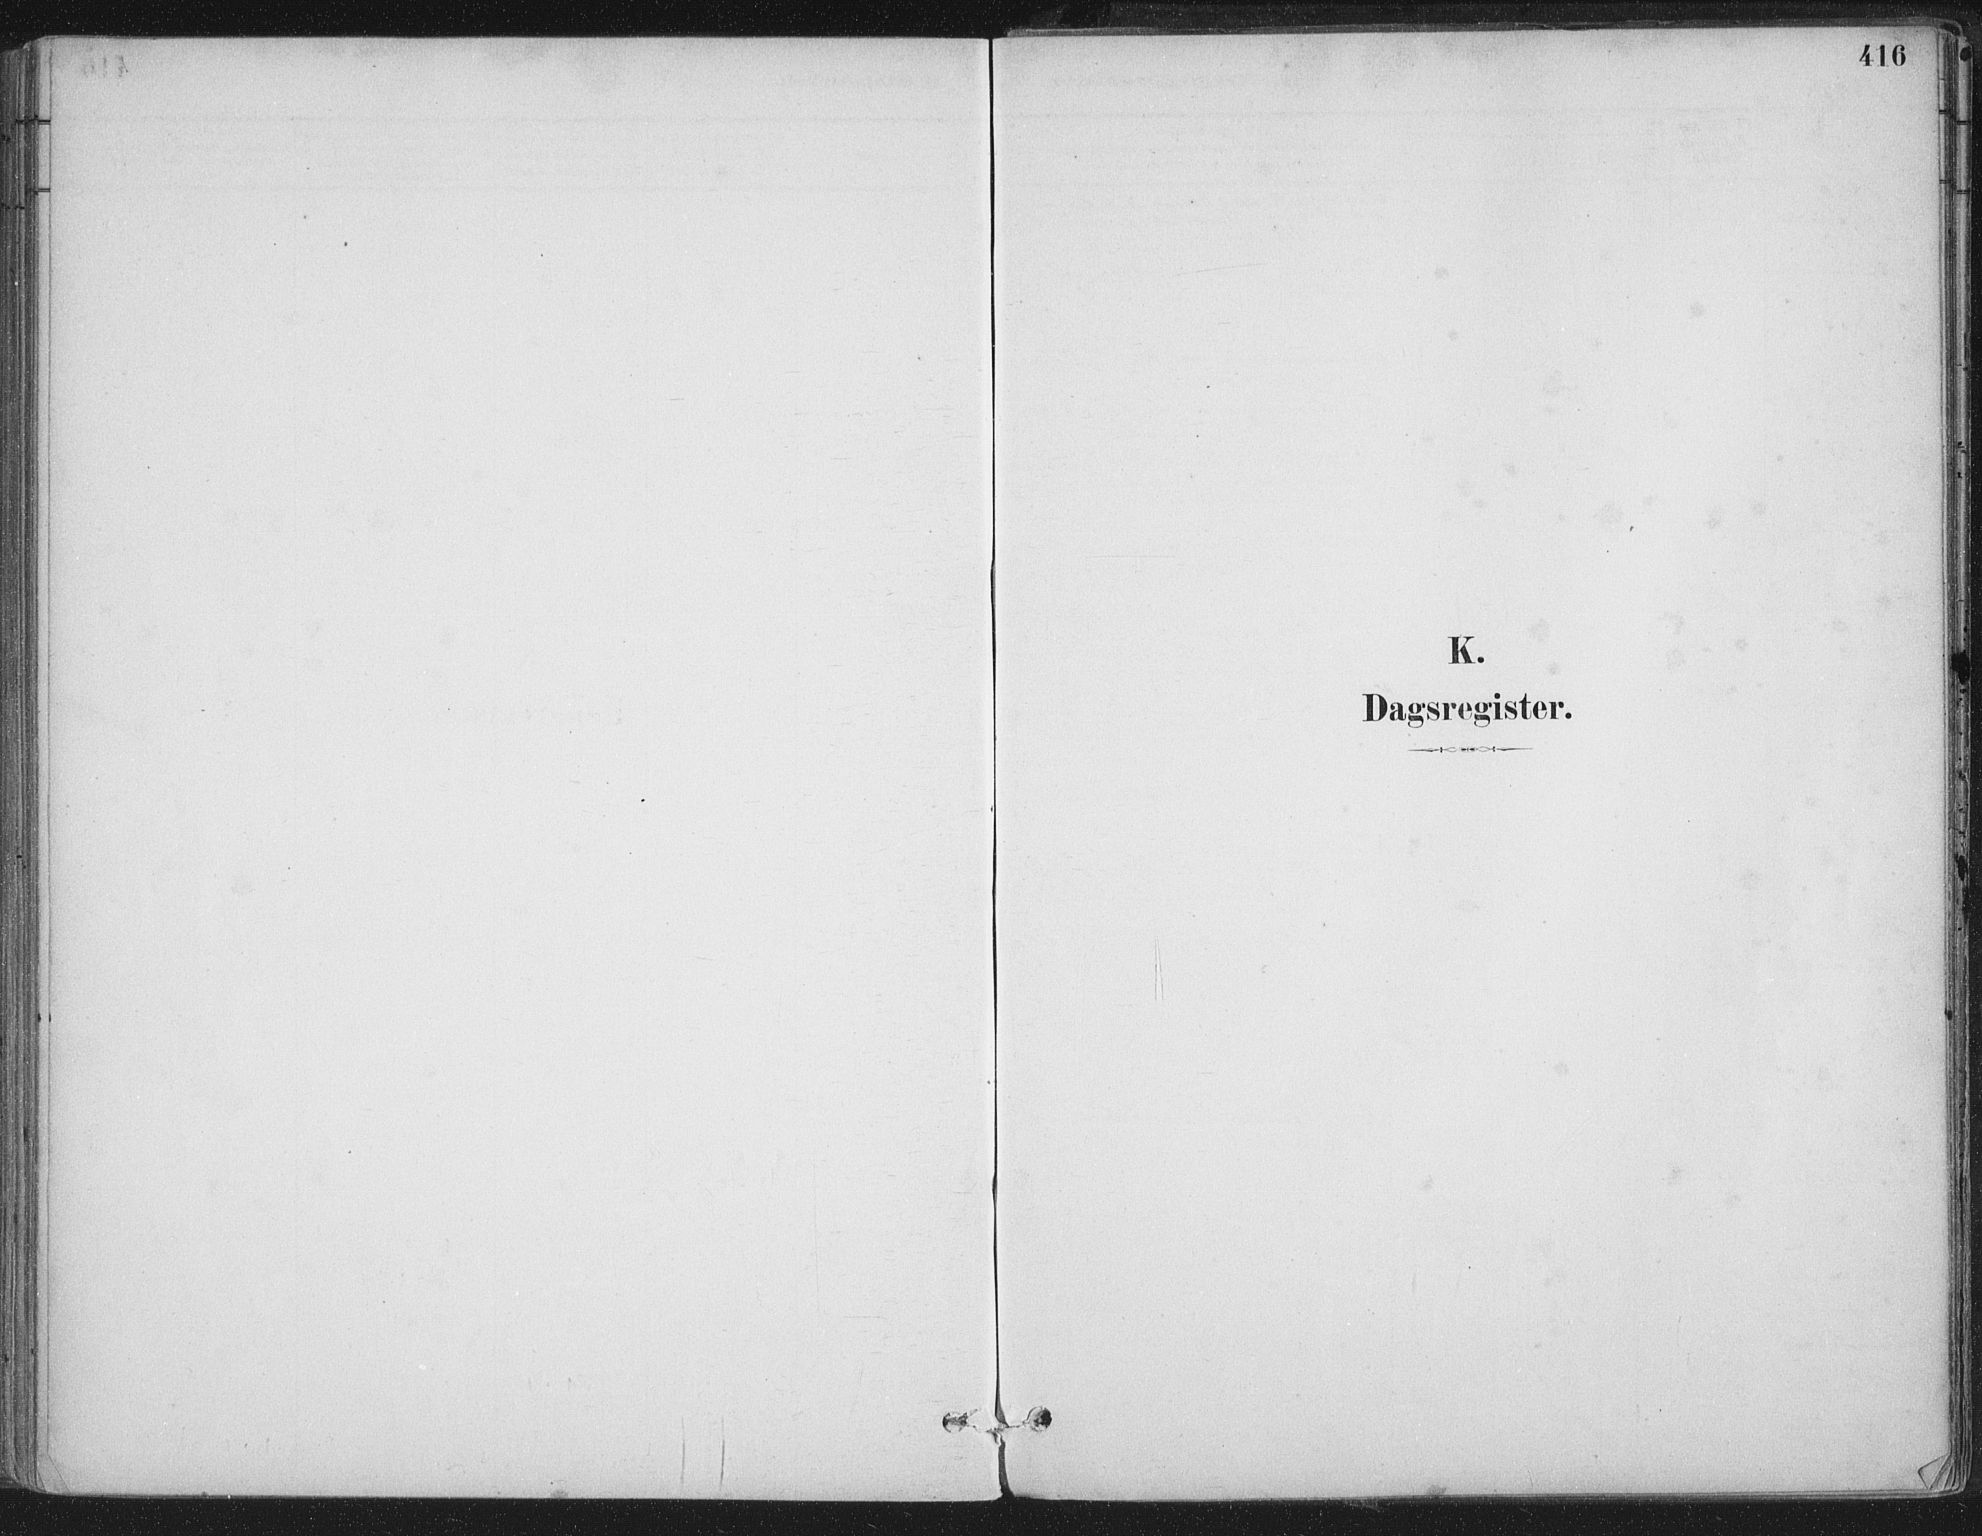 SAT, Ministerialprotokoller, klokkerbøker og fødselsregistre - Nordland, 888/L1244: Parish register (official) no. 888A10, 1880-1890, p. 416